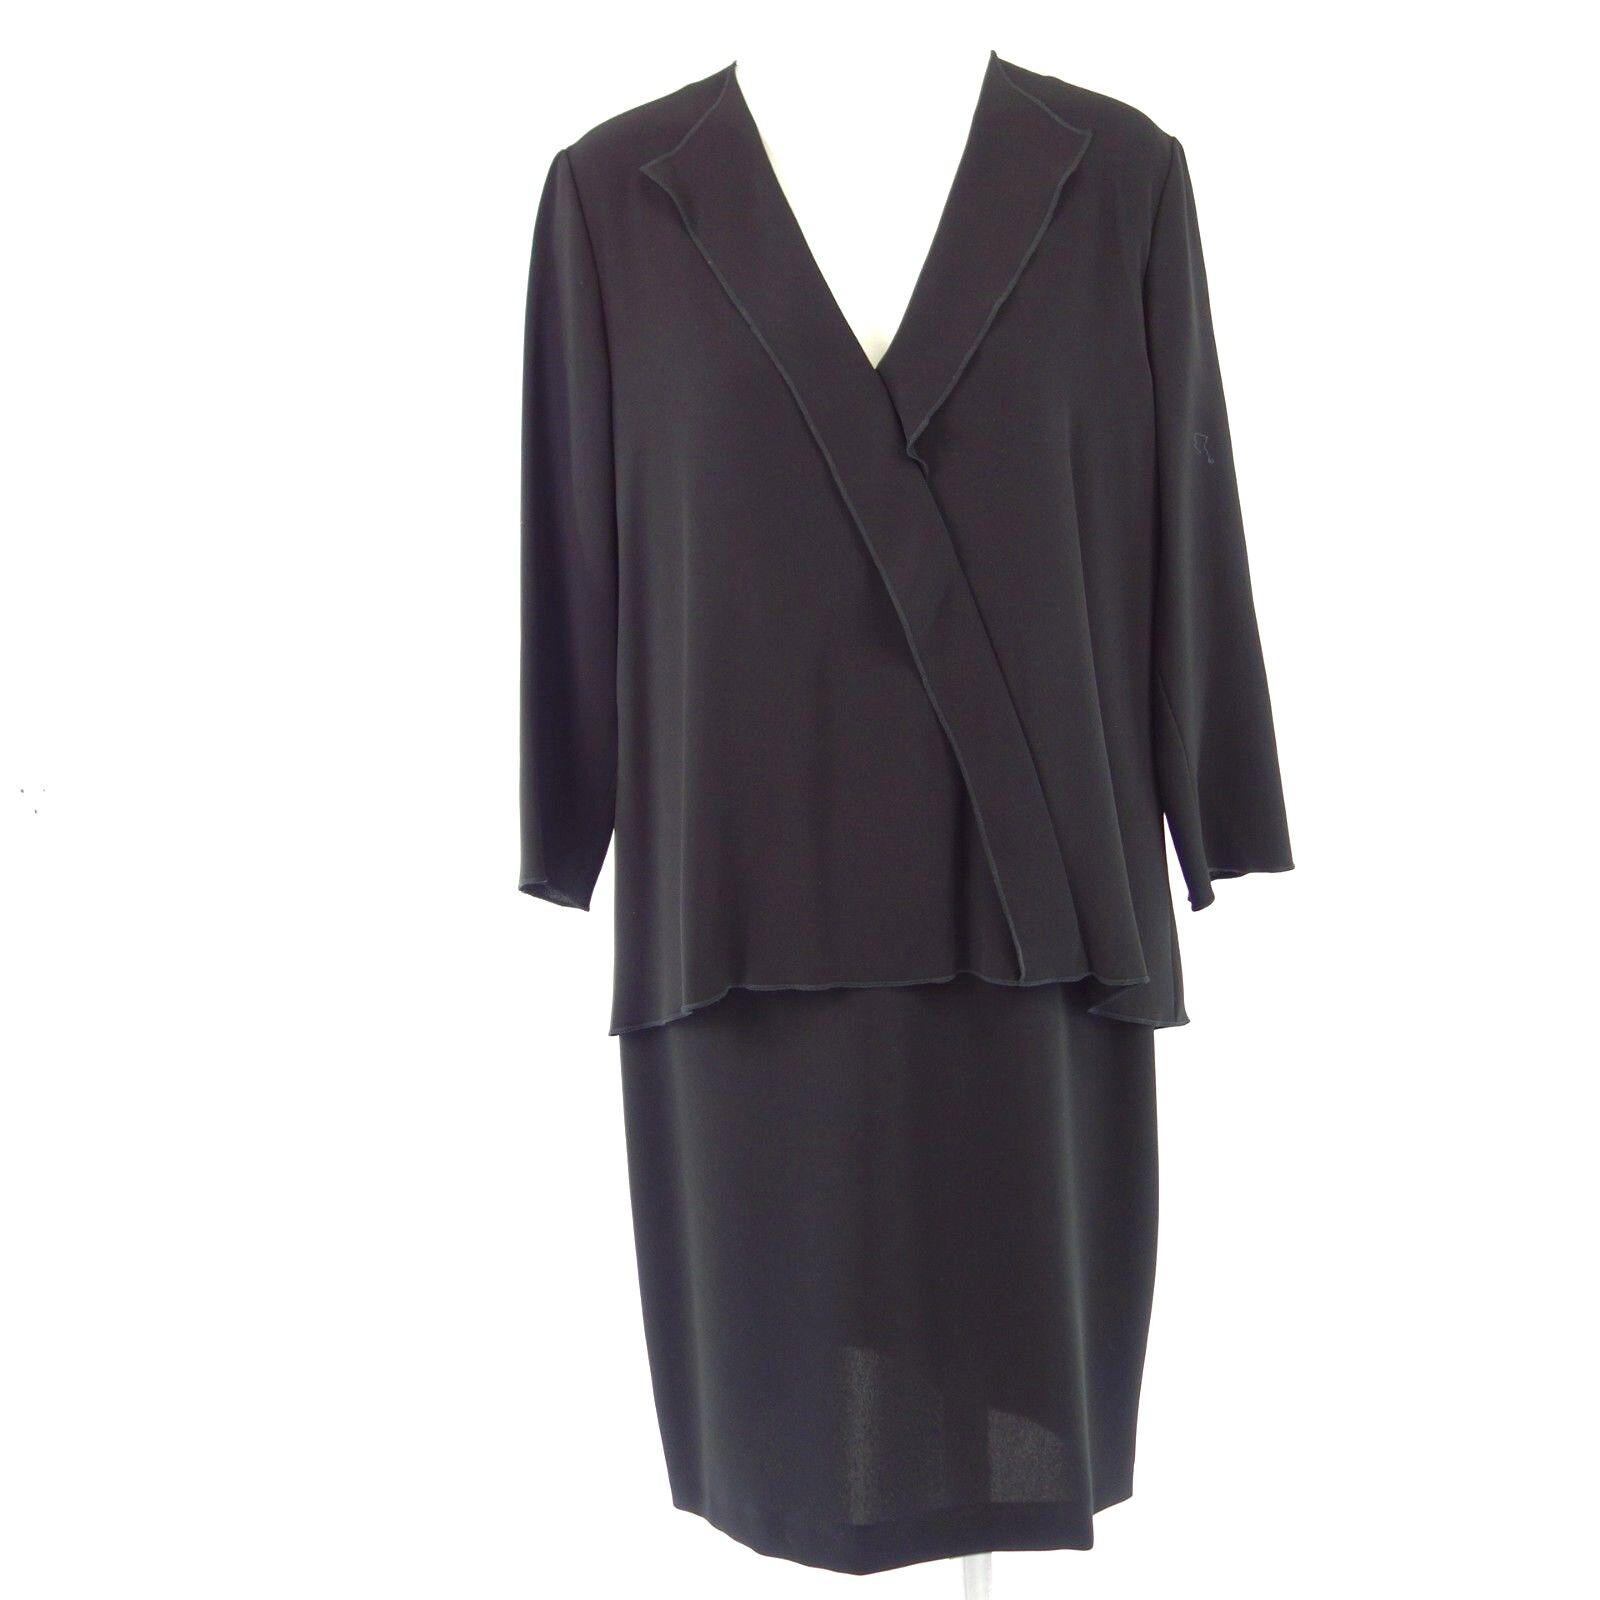 RIANI Damen Kleid 776260 2975 38 40 Schwarz Elegant Lagenlook Elegant NP 319 NEU